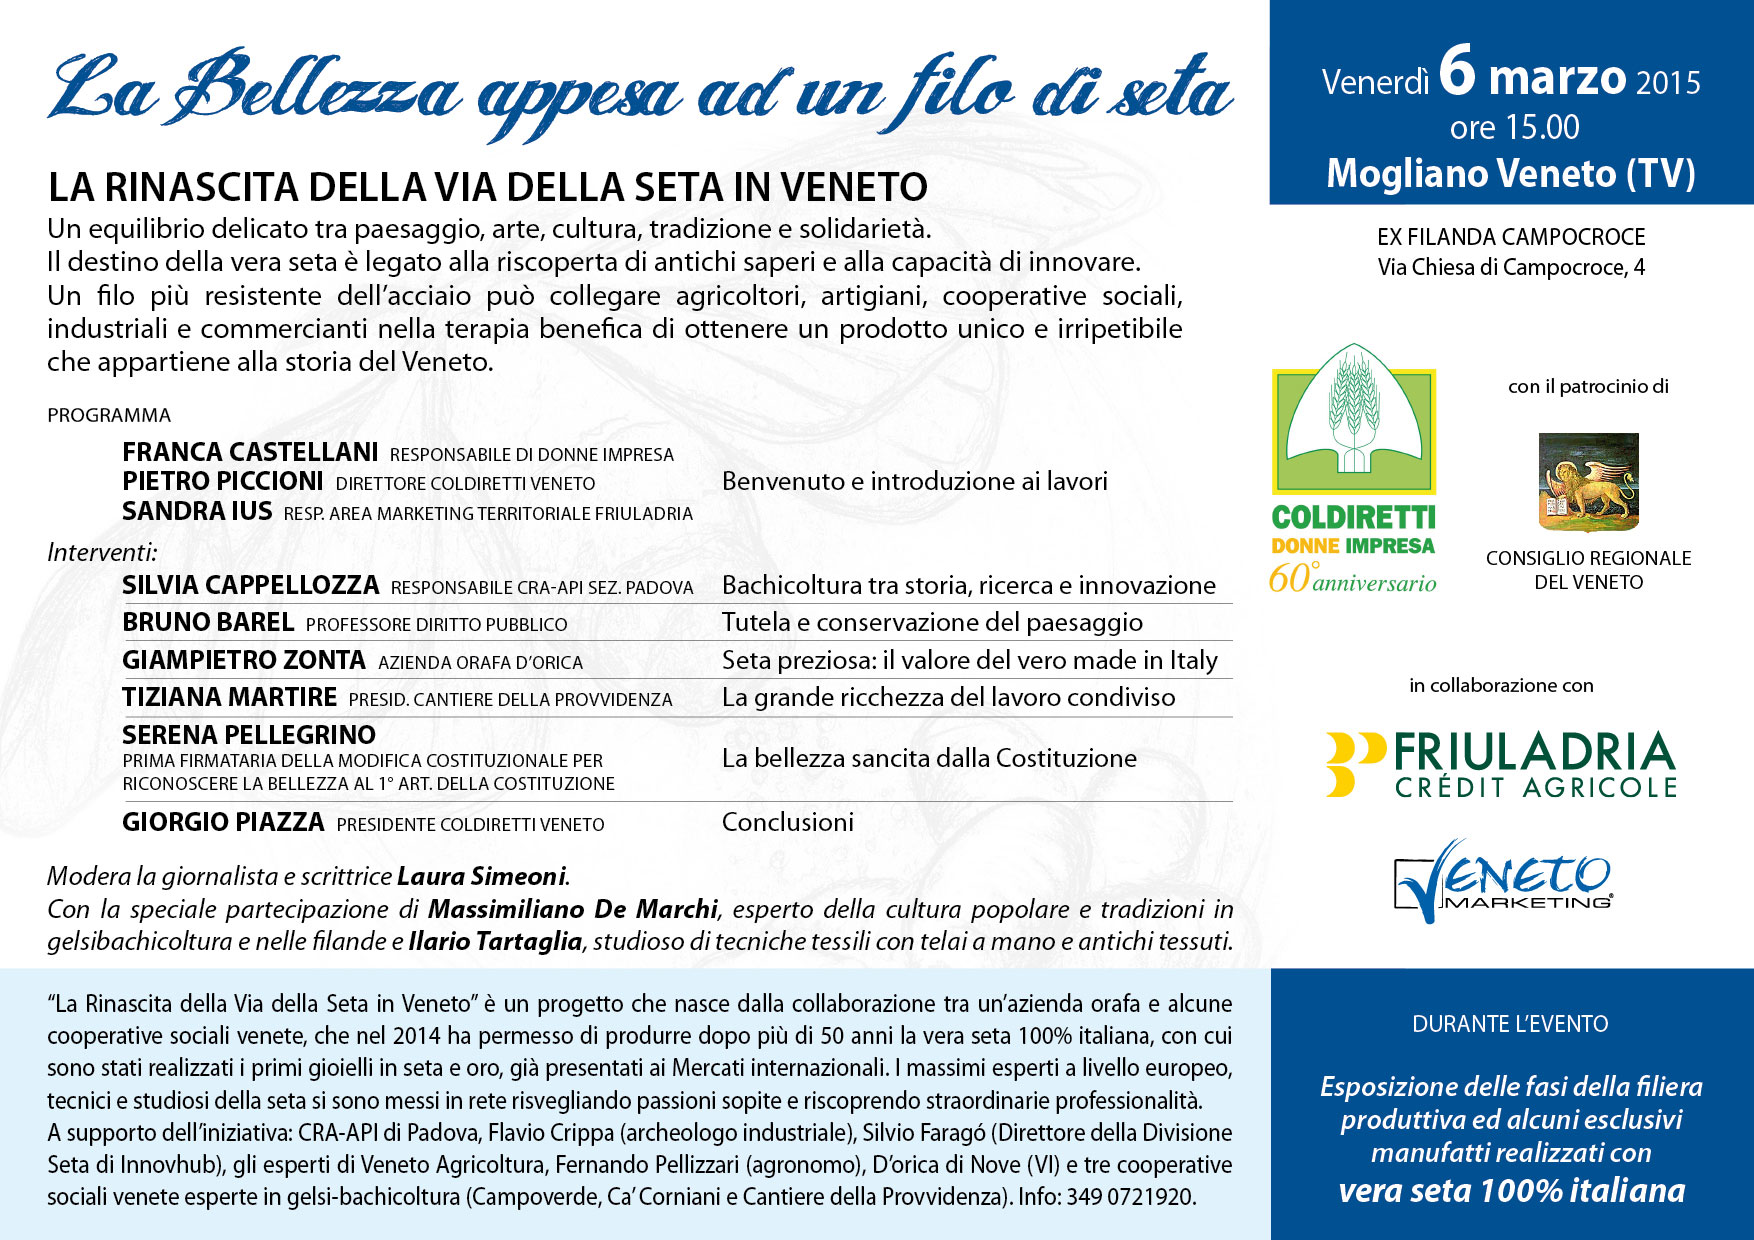 invito_6_marzo_mogliano_web2